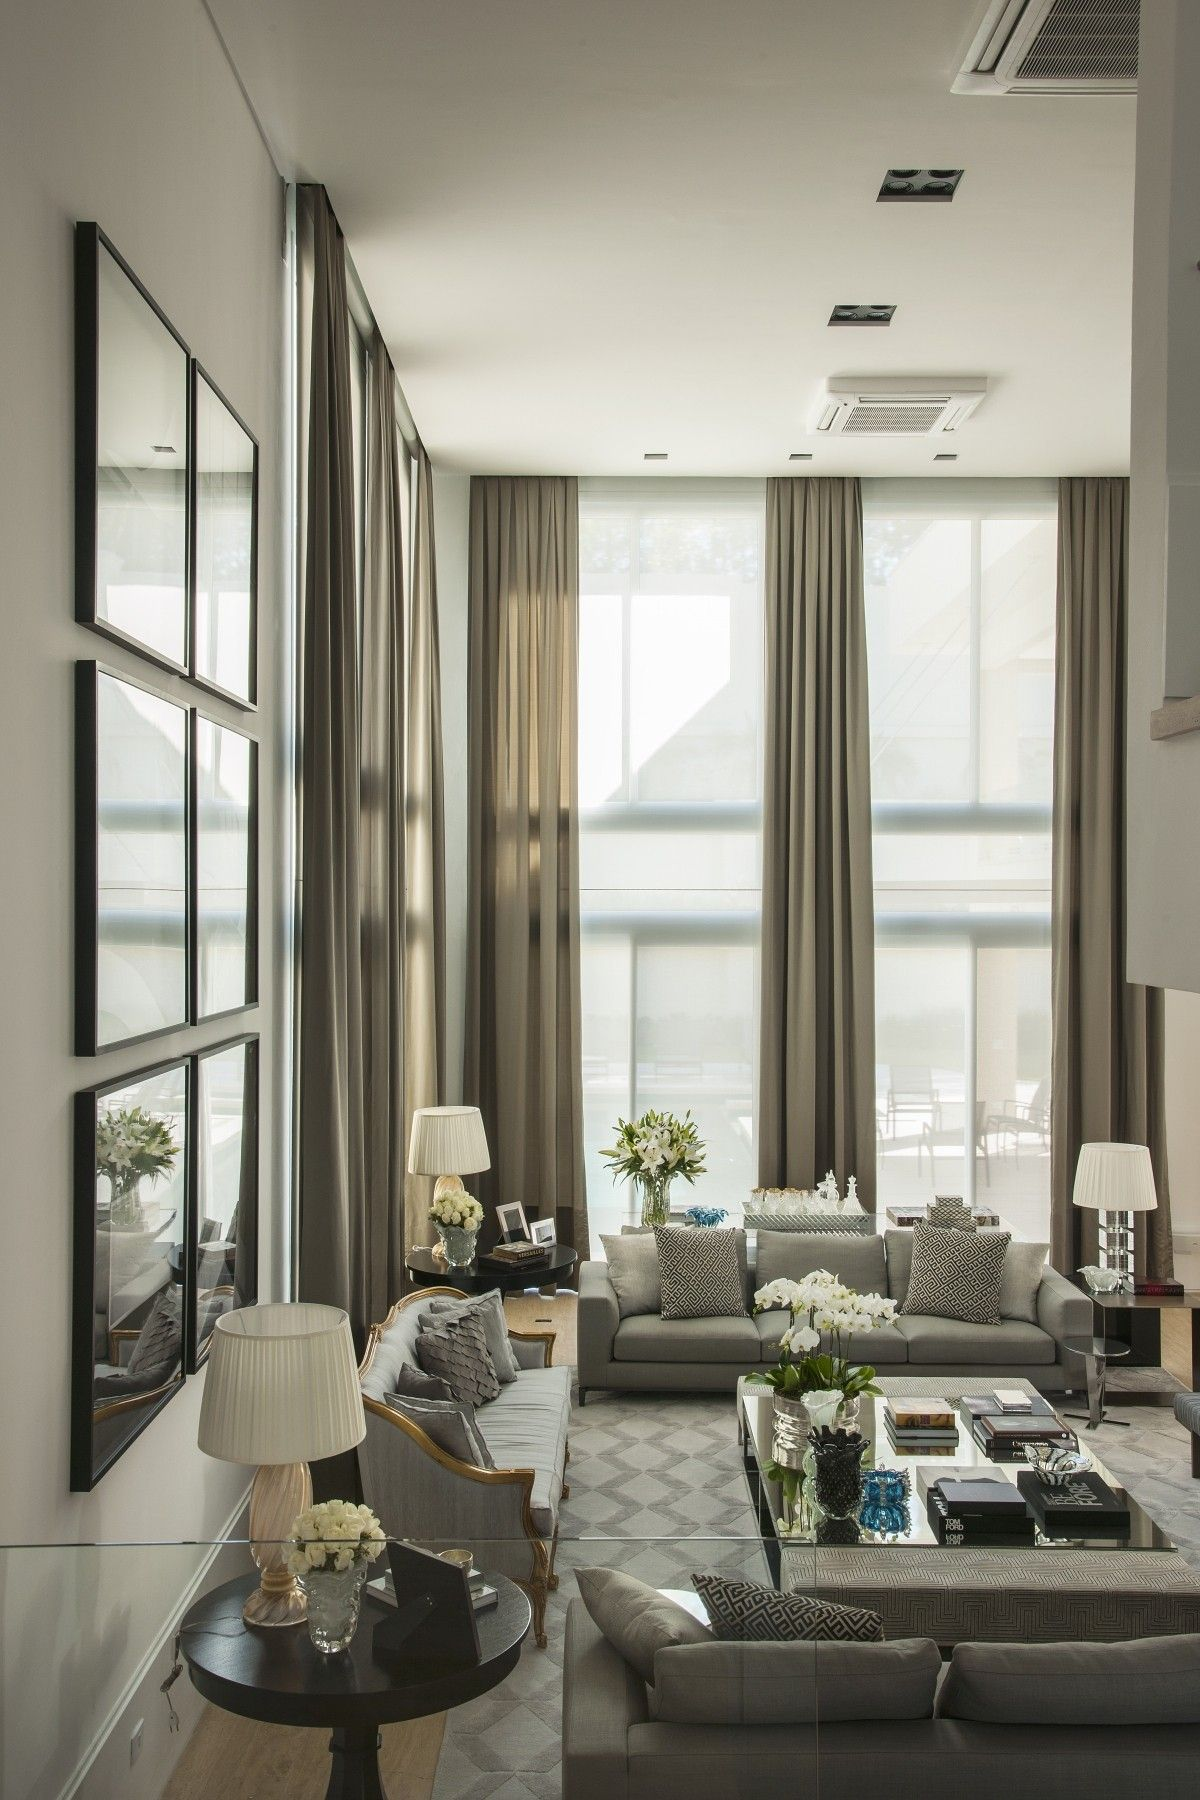 wohnidee gardine das wohnzimmer pinterest gardinen wohnideen und wohnzimmer. Black Bedroom Furniture Sets. Home Design Ideas